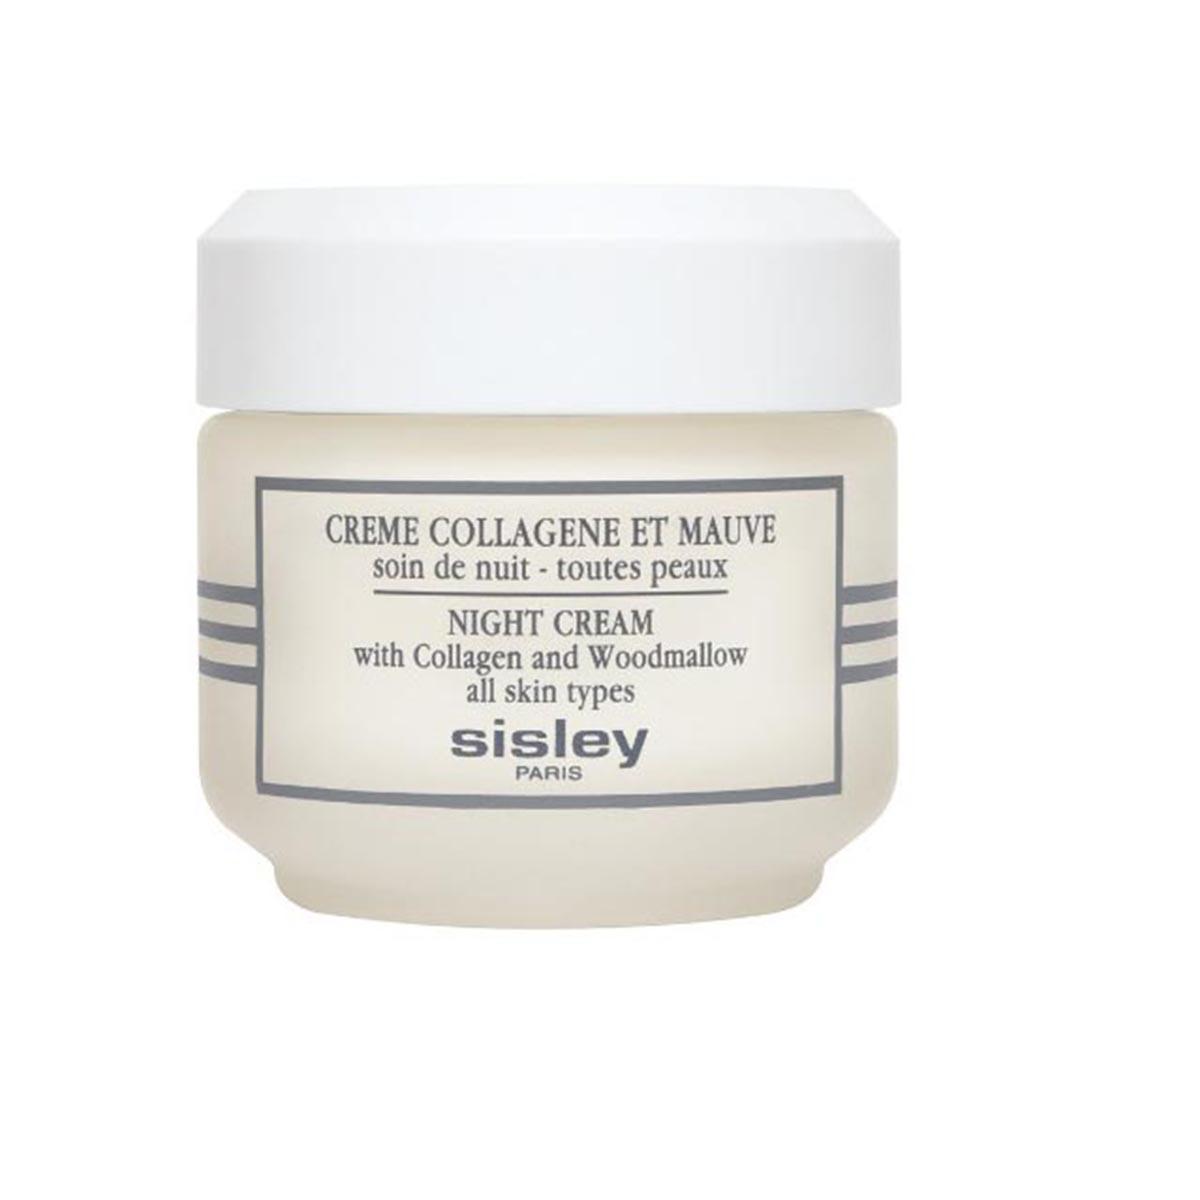 Sisley creme collagene et mauve soin de nuit toutes peaux creme 50ml